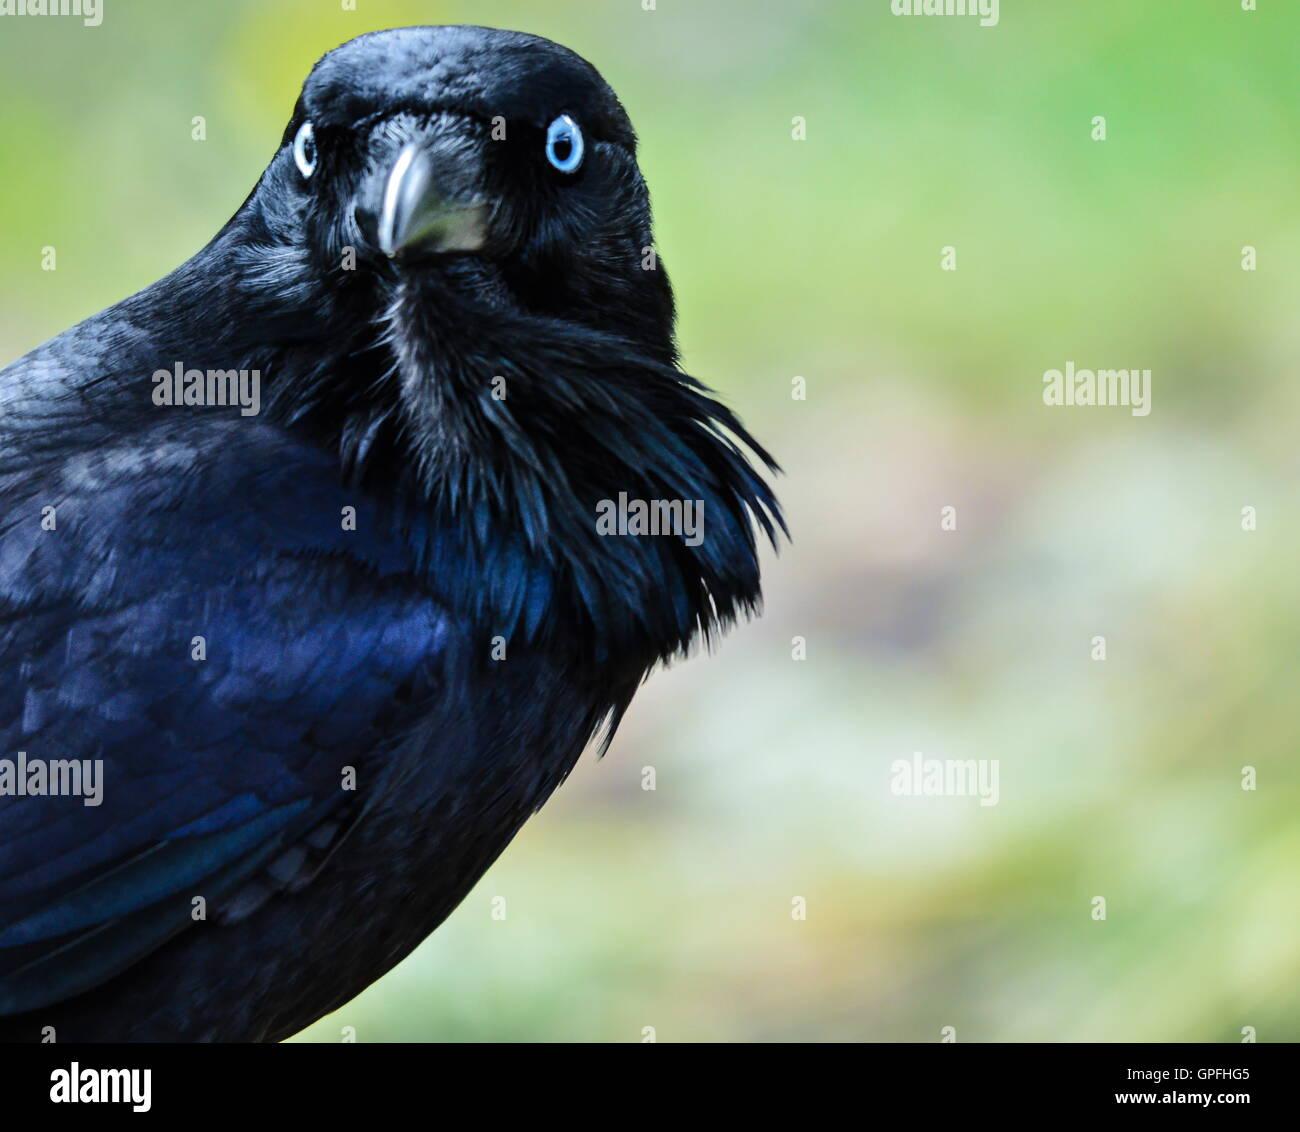 Closeup of an Australian Crow at a National park - Stock Image